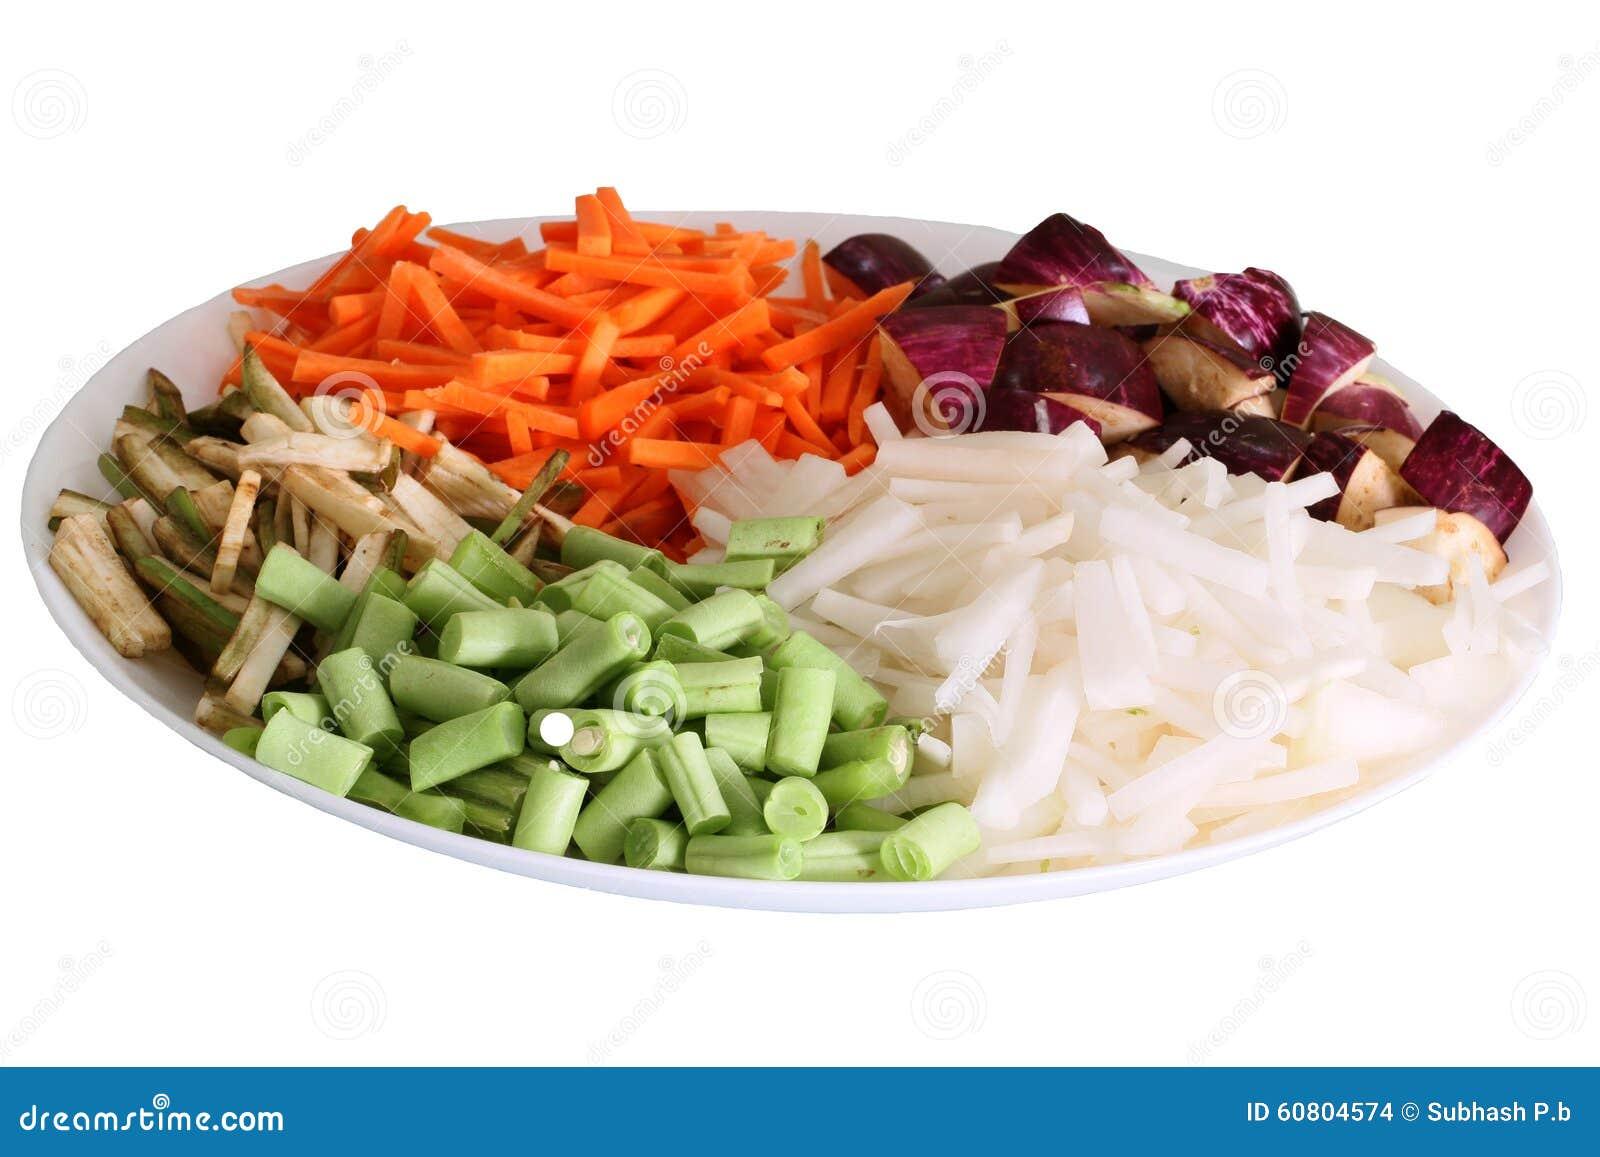 Os vegetais coloridos arranjaram na placa com fundo branco